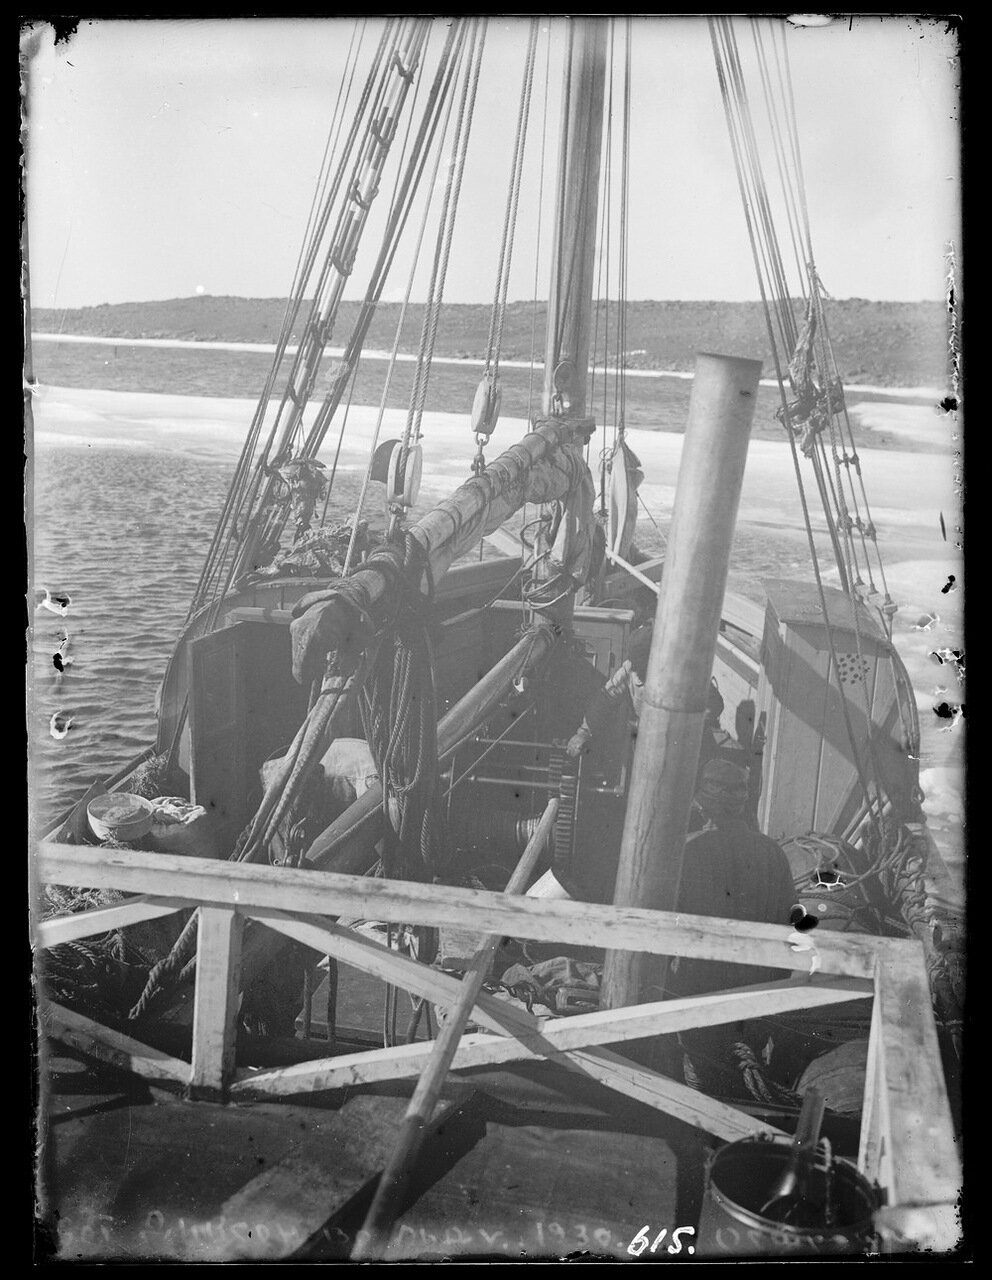 1930. Поселок Диксон. Во льду